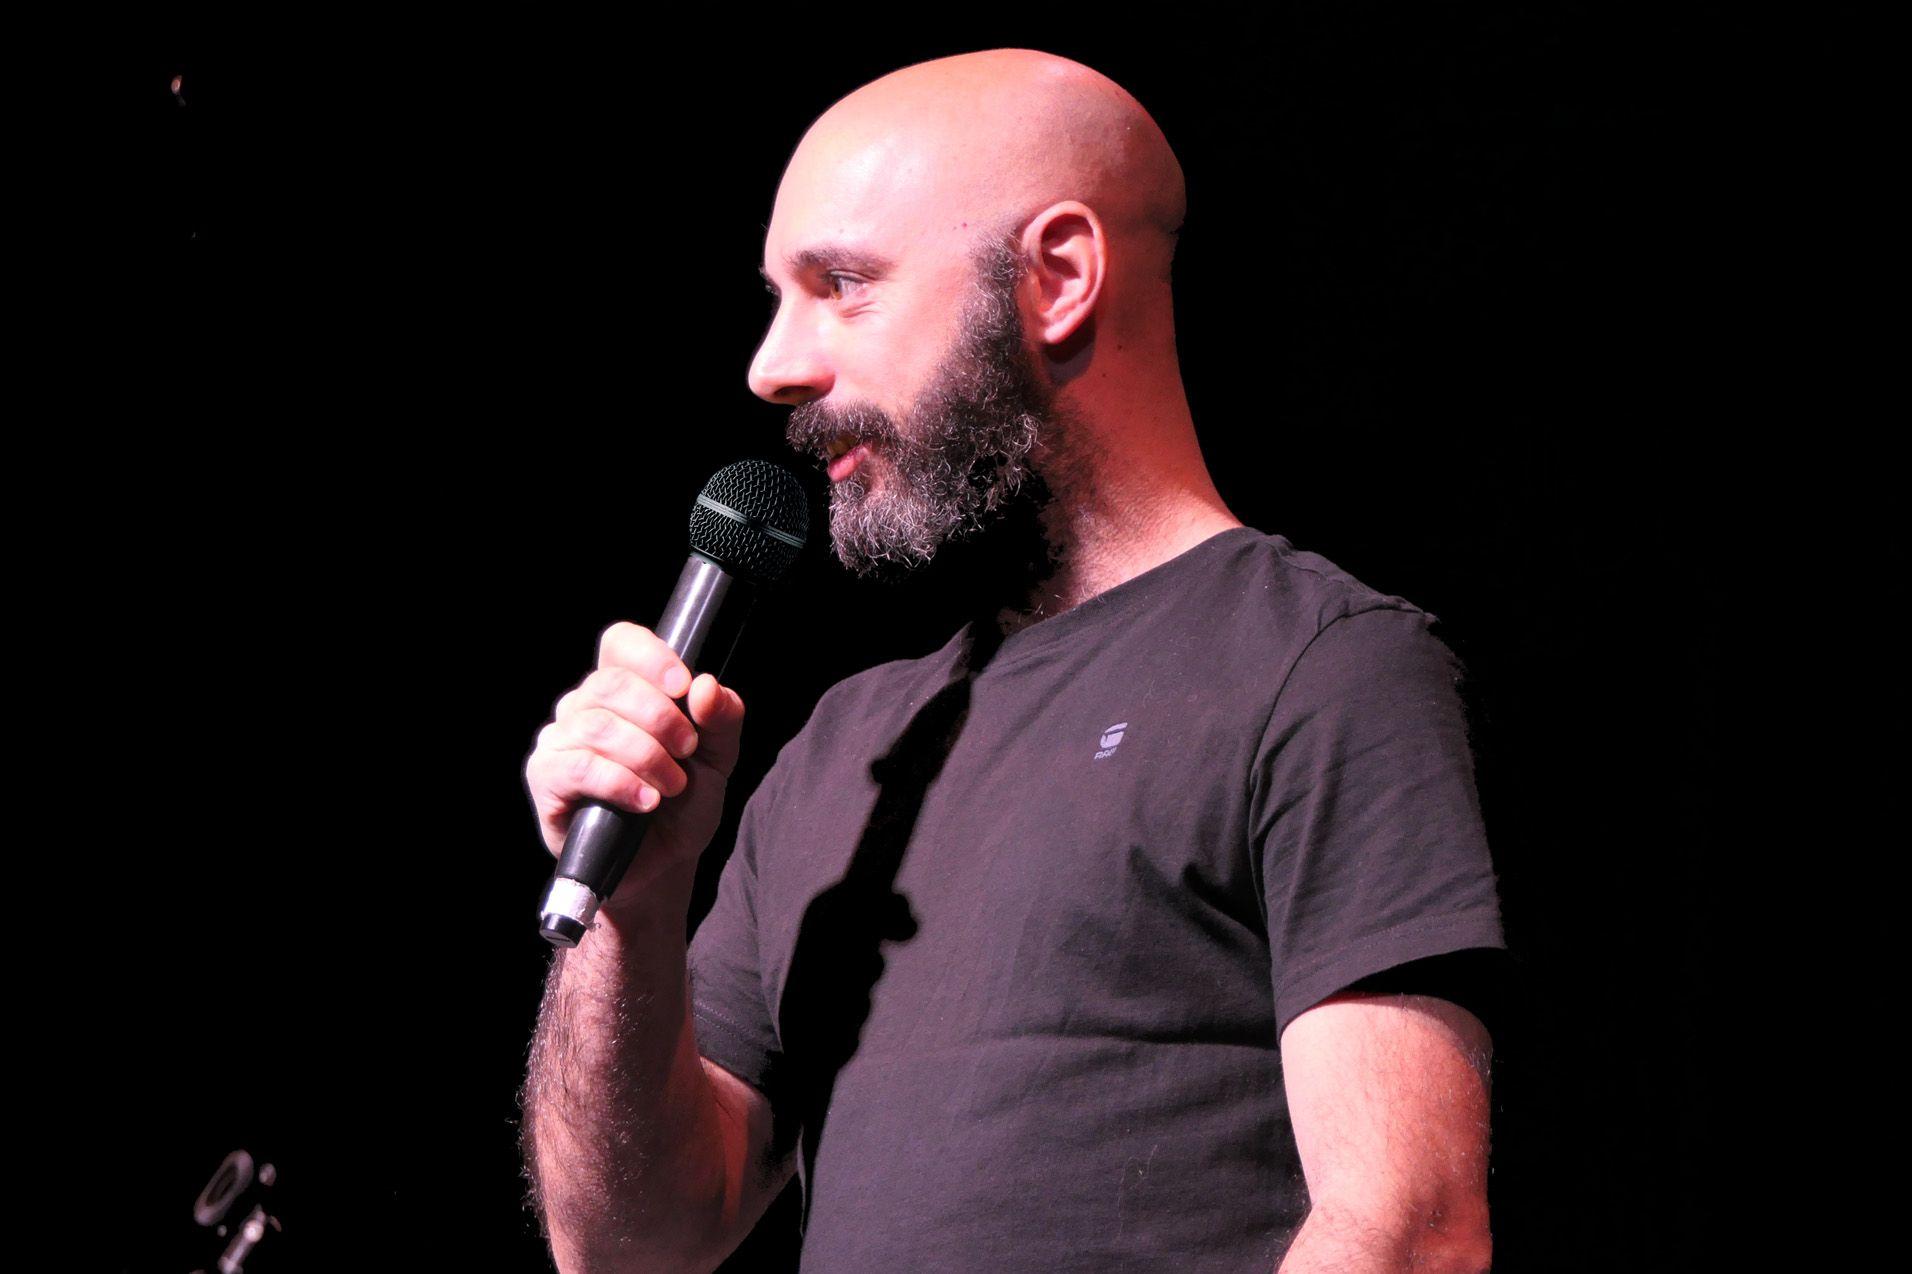 SPETTACOLO - Stand up comedy, il canavesano Richi Selva sul palco di Torino giovedi 16 settembre